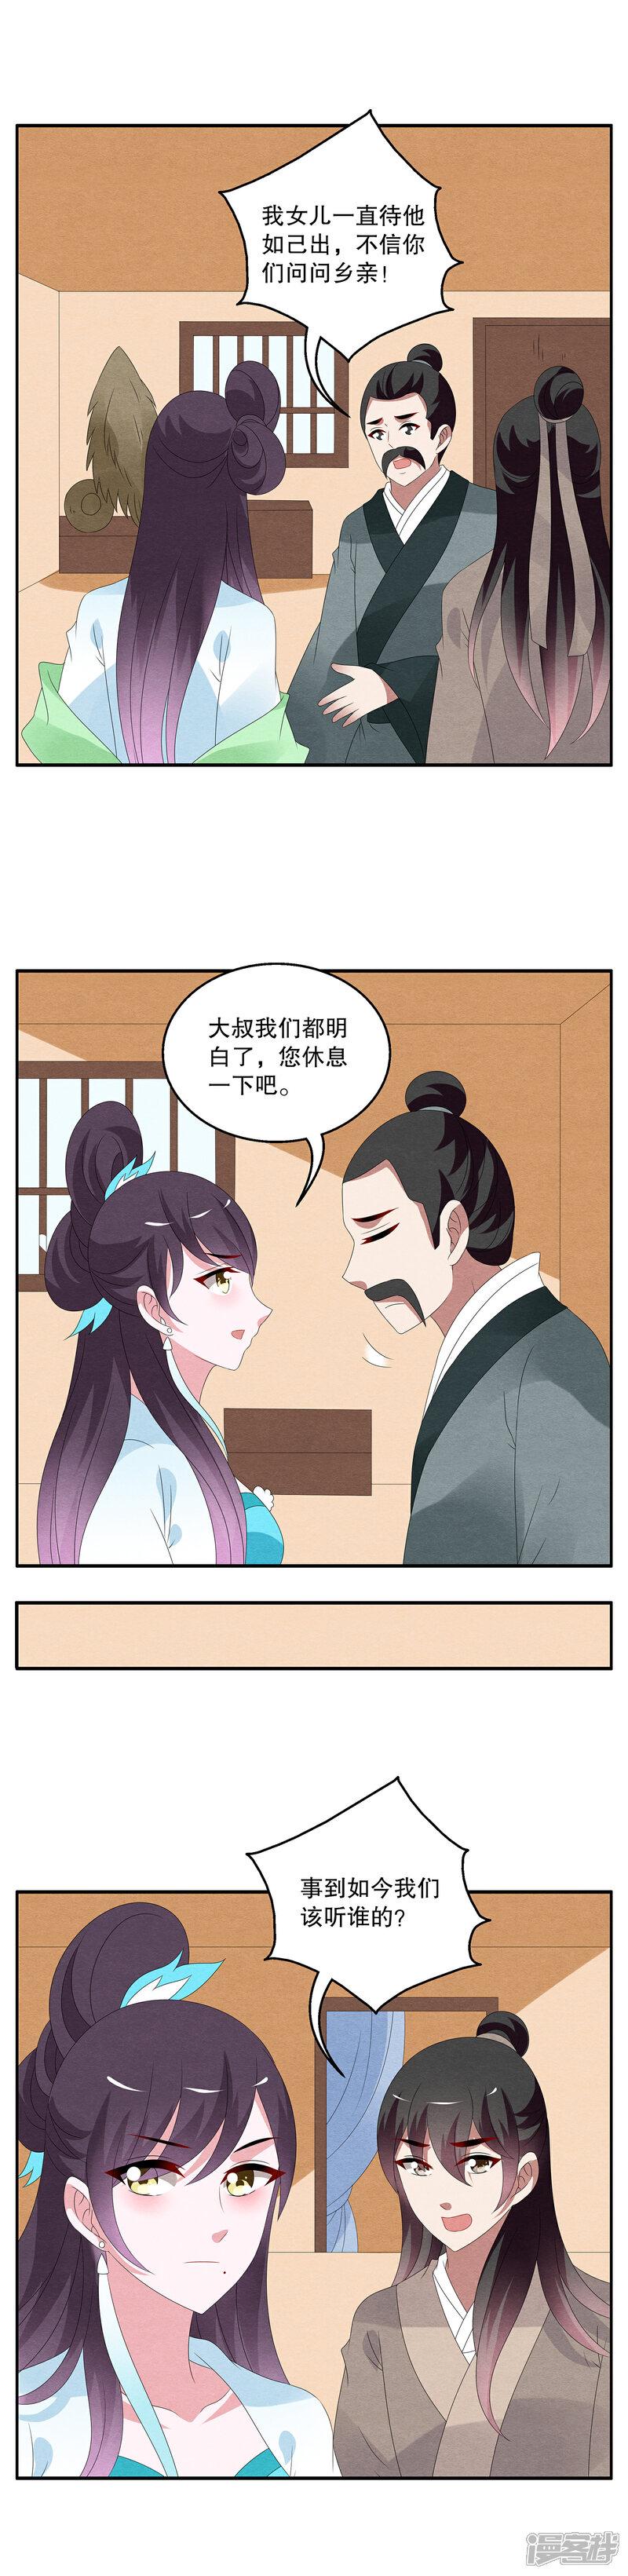 洛小妖92930013.JPG